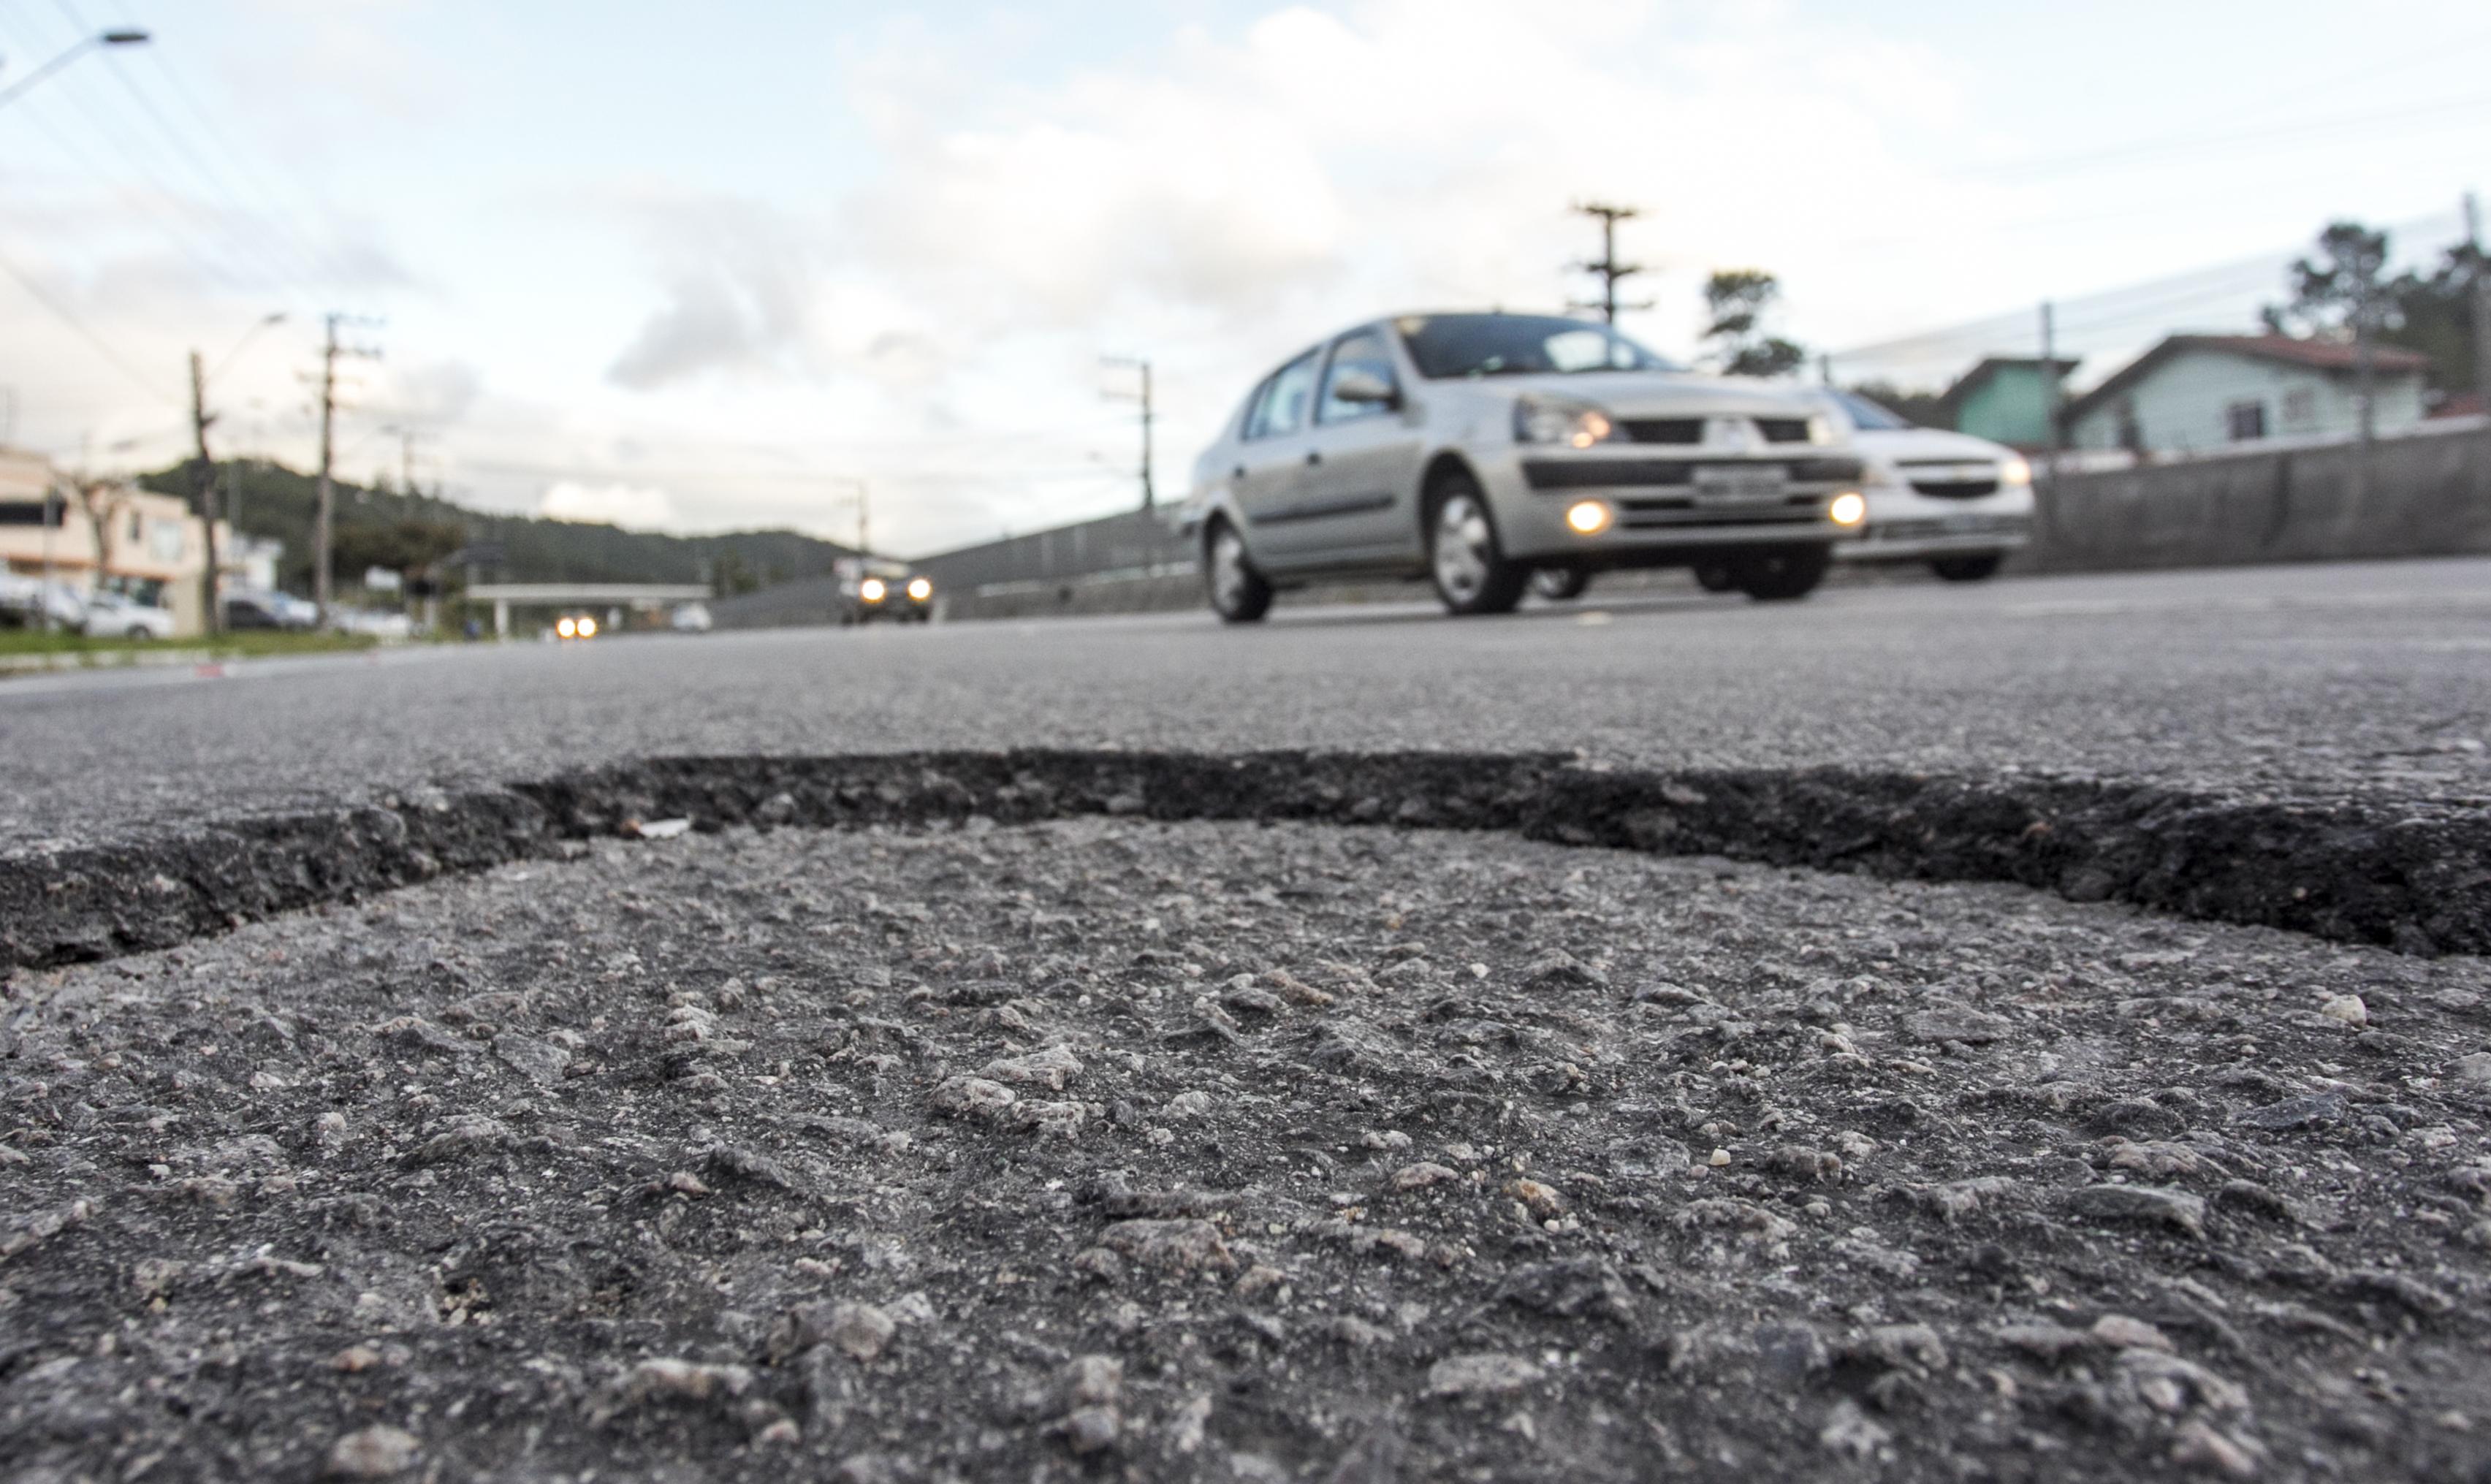 Há trechos com asfalto desgastado - Marco Santiago/ND